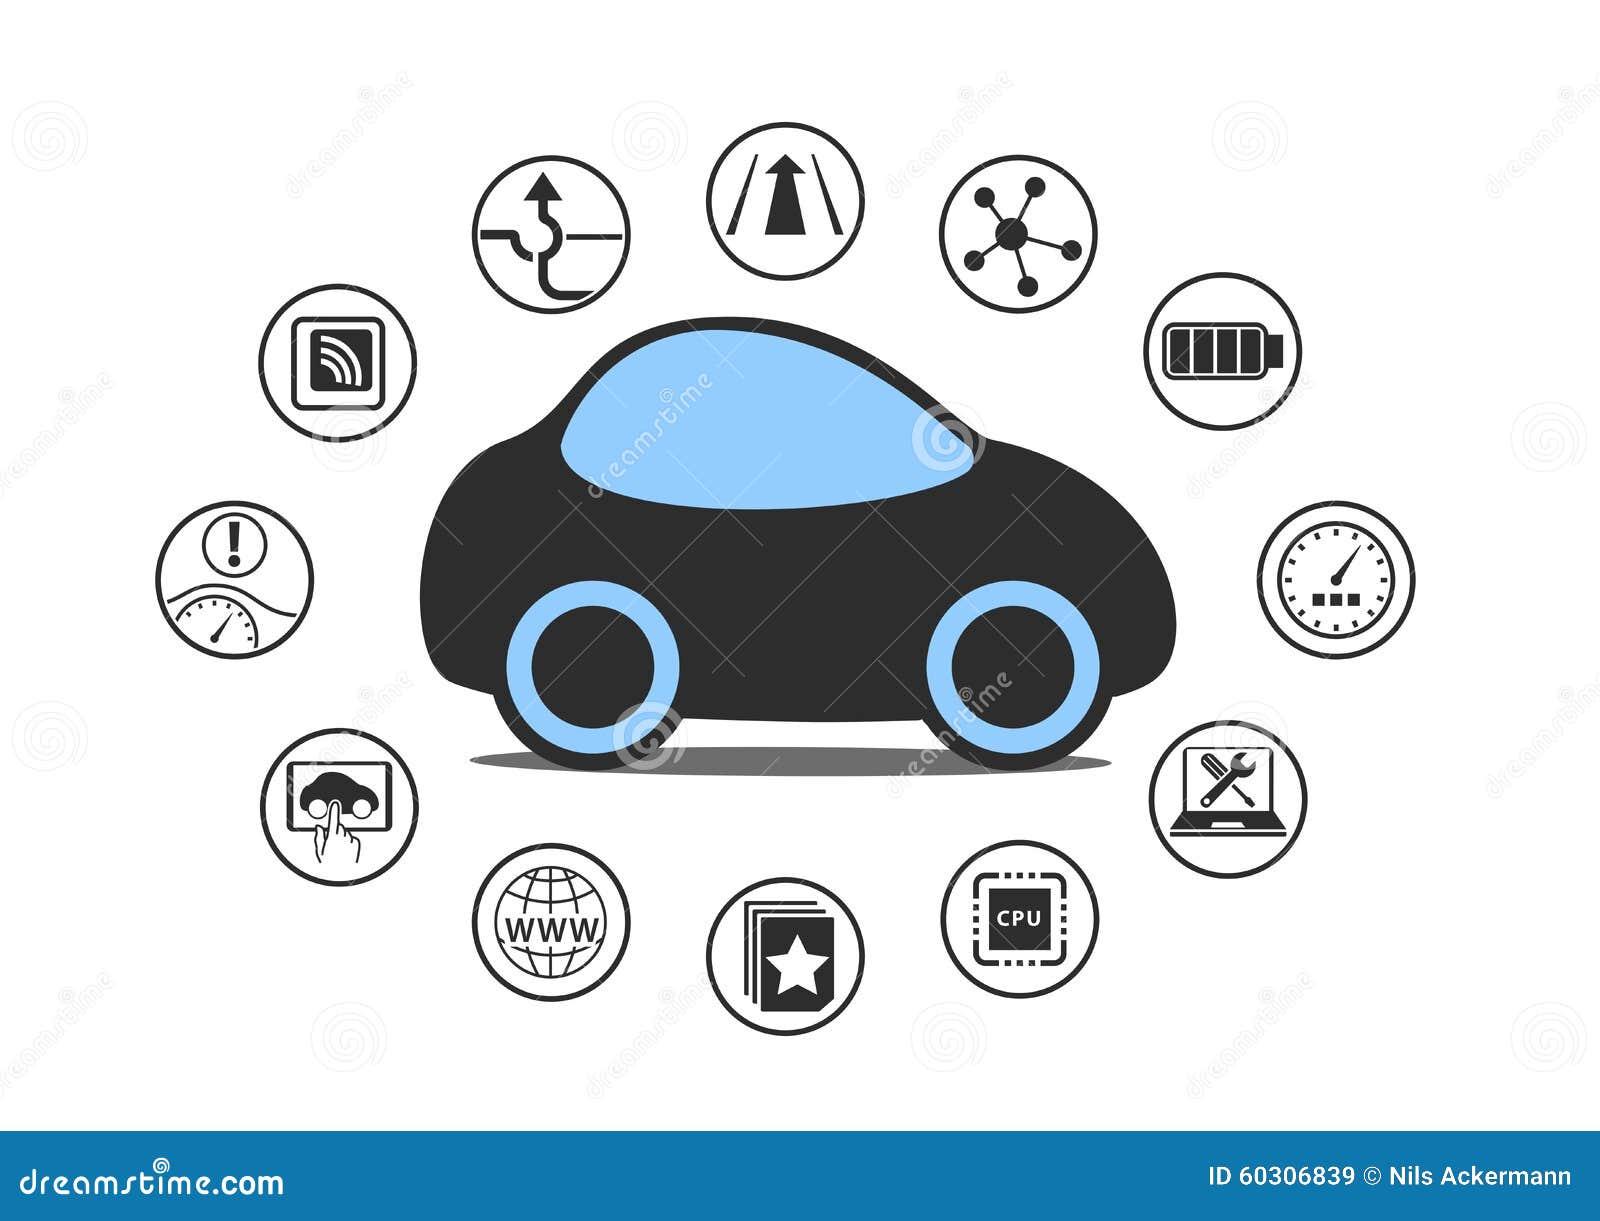 selbst der konzept des autos und des autonomen fahrzeugs f hrt ikone des driverless autos mit. Black Bedroom Furniture Sets. Home Design Ideas